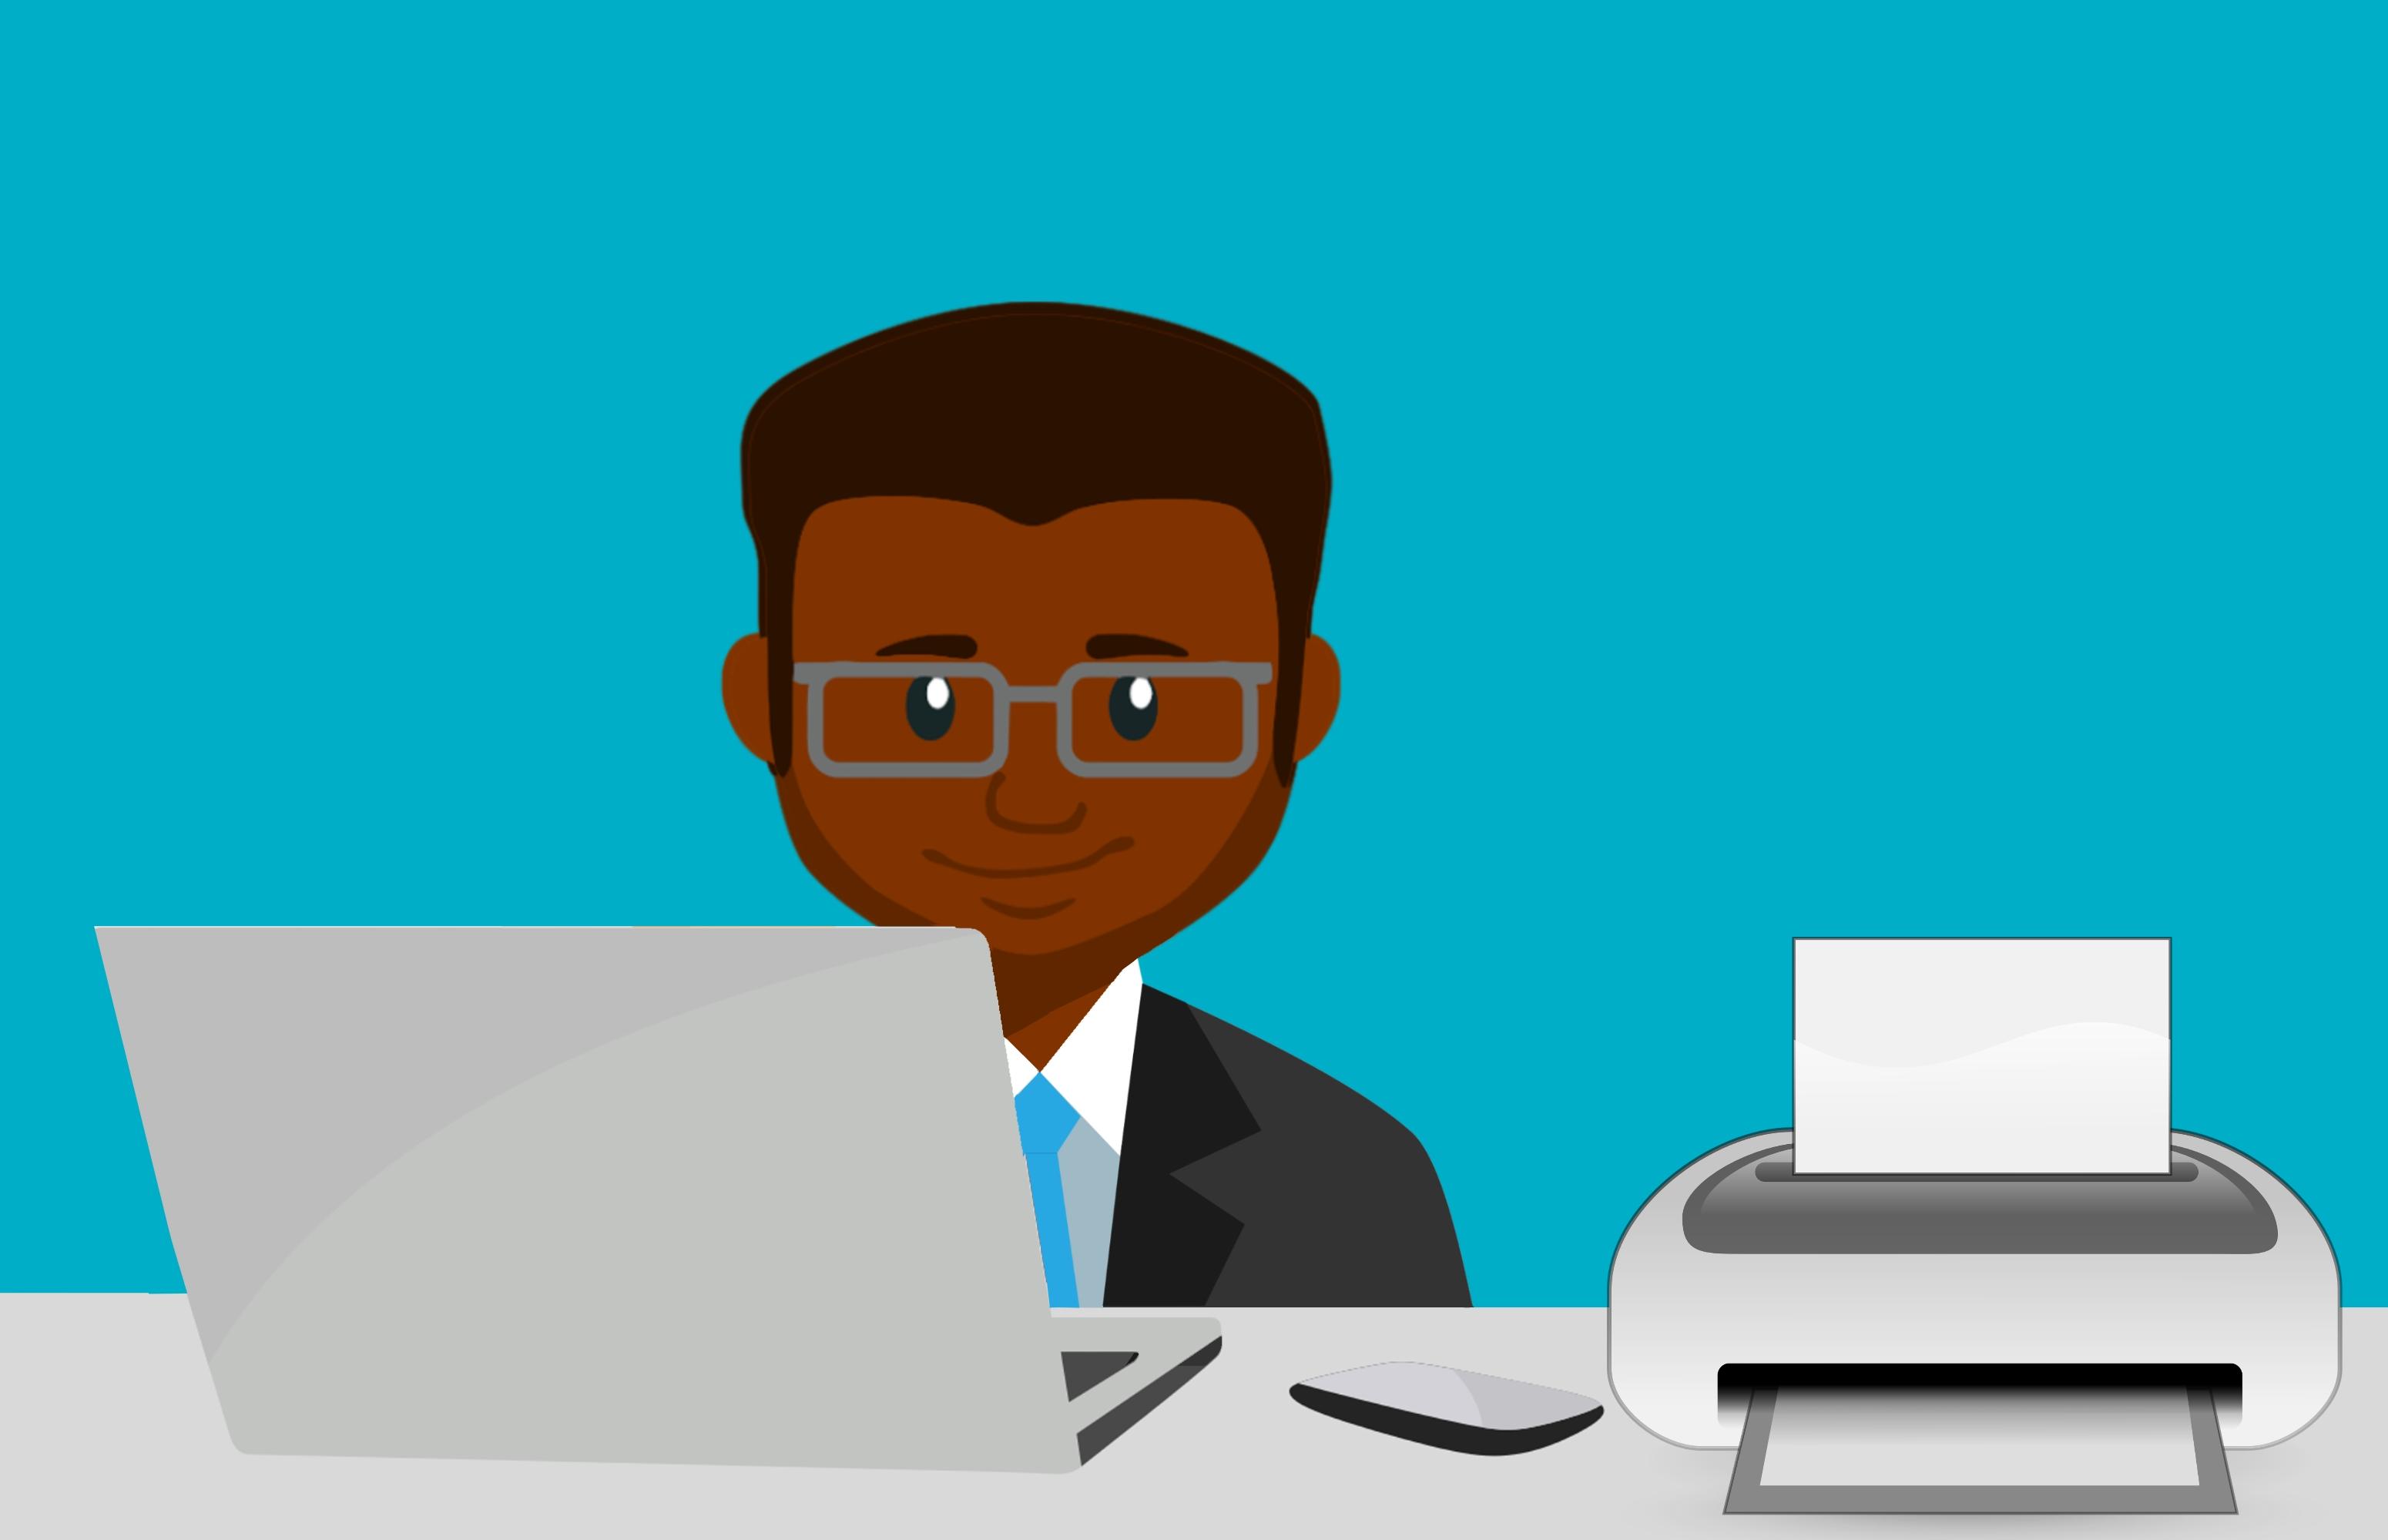 Gambar Laptop Karyawan Tempat Kerja Laki Laki Pencetak